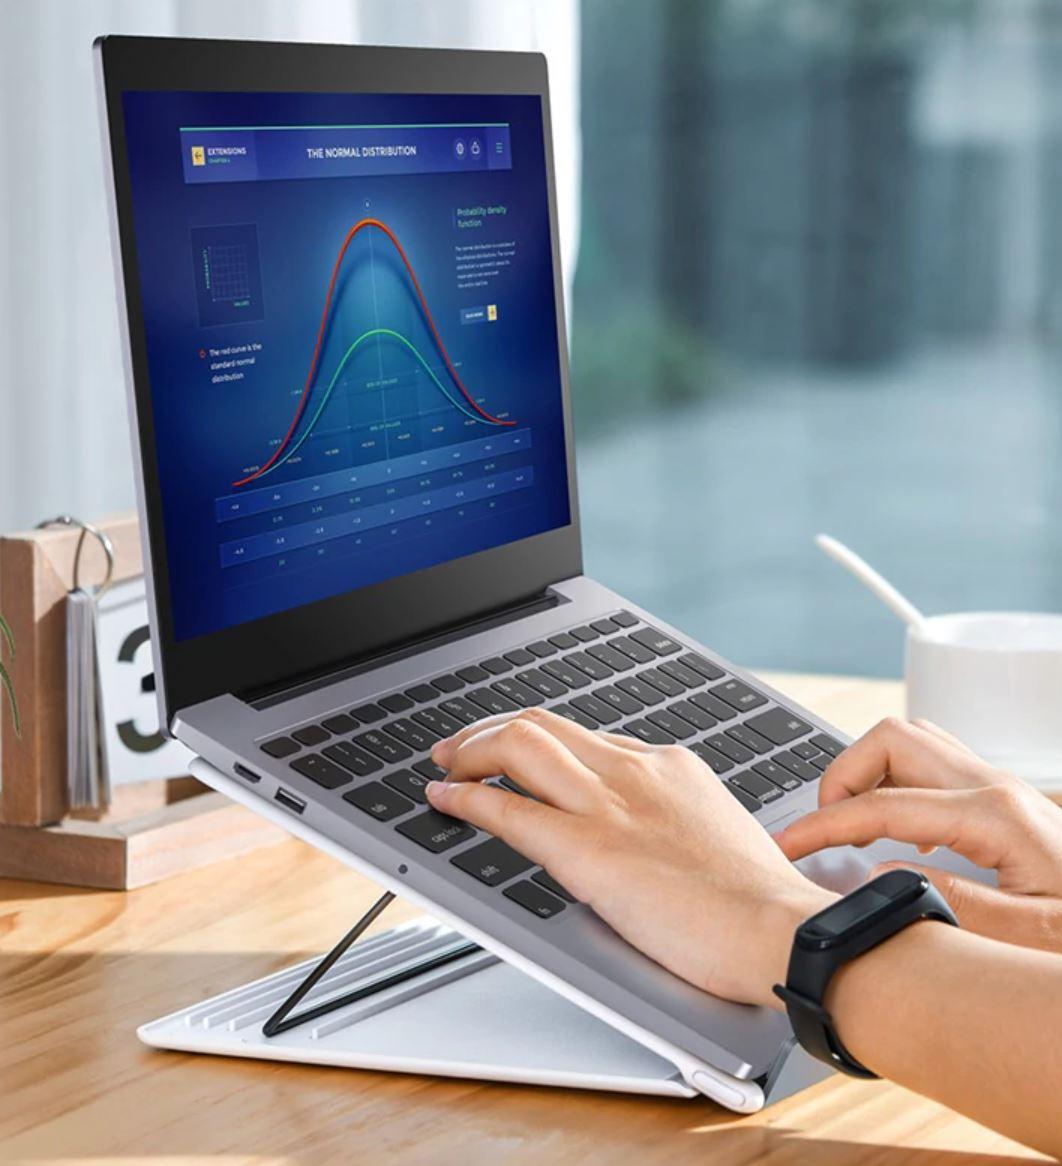 Koniec wakacji - gadżety z AliExpress, które ułatwią nam powrót do szkoły lub pracy - podstawka do laptopa